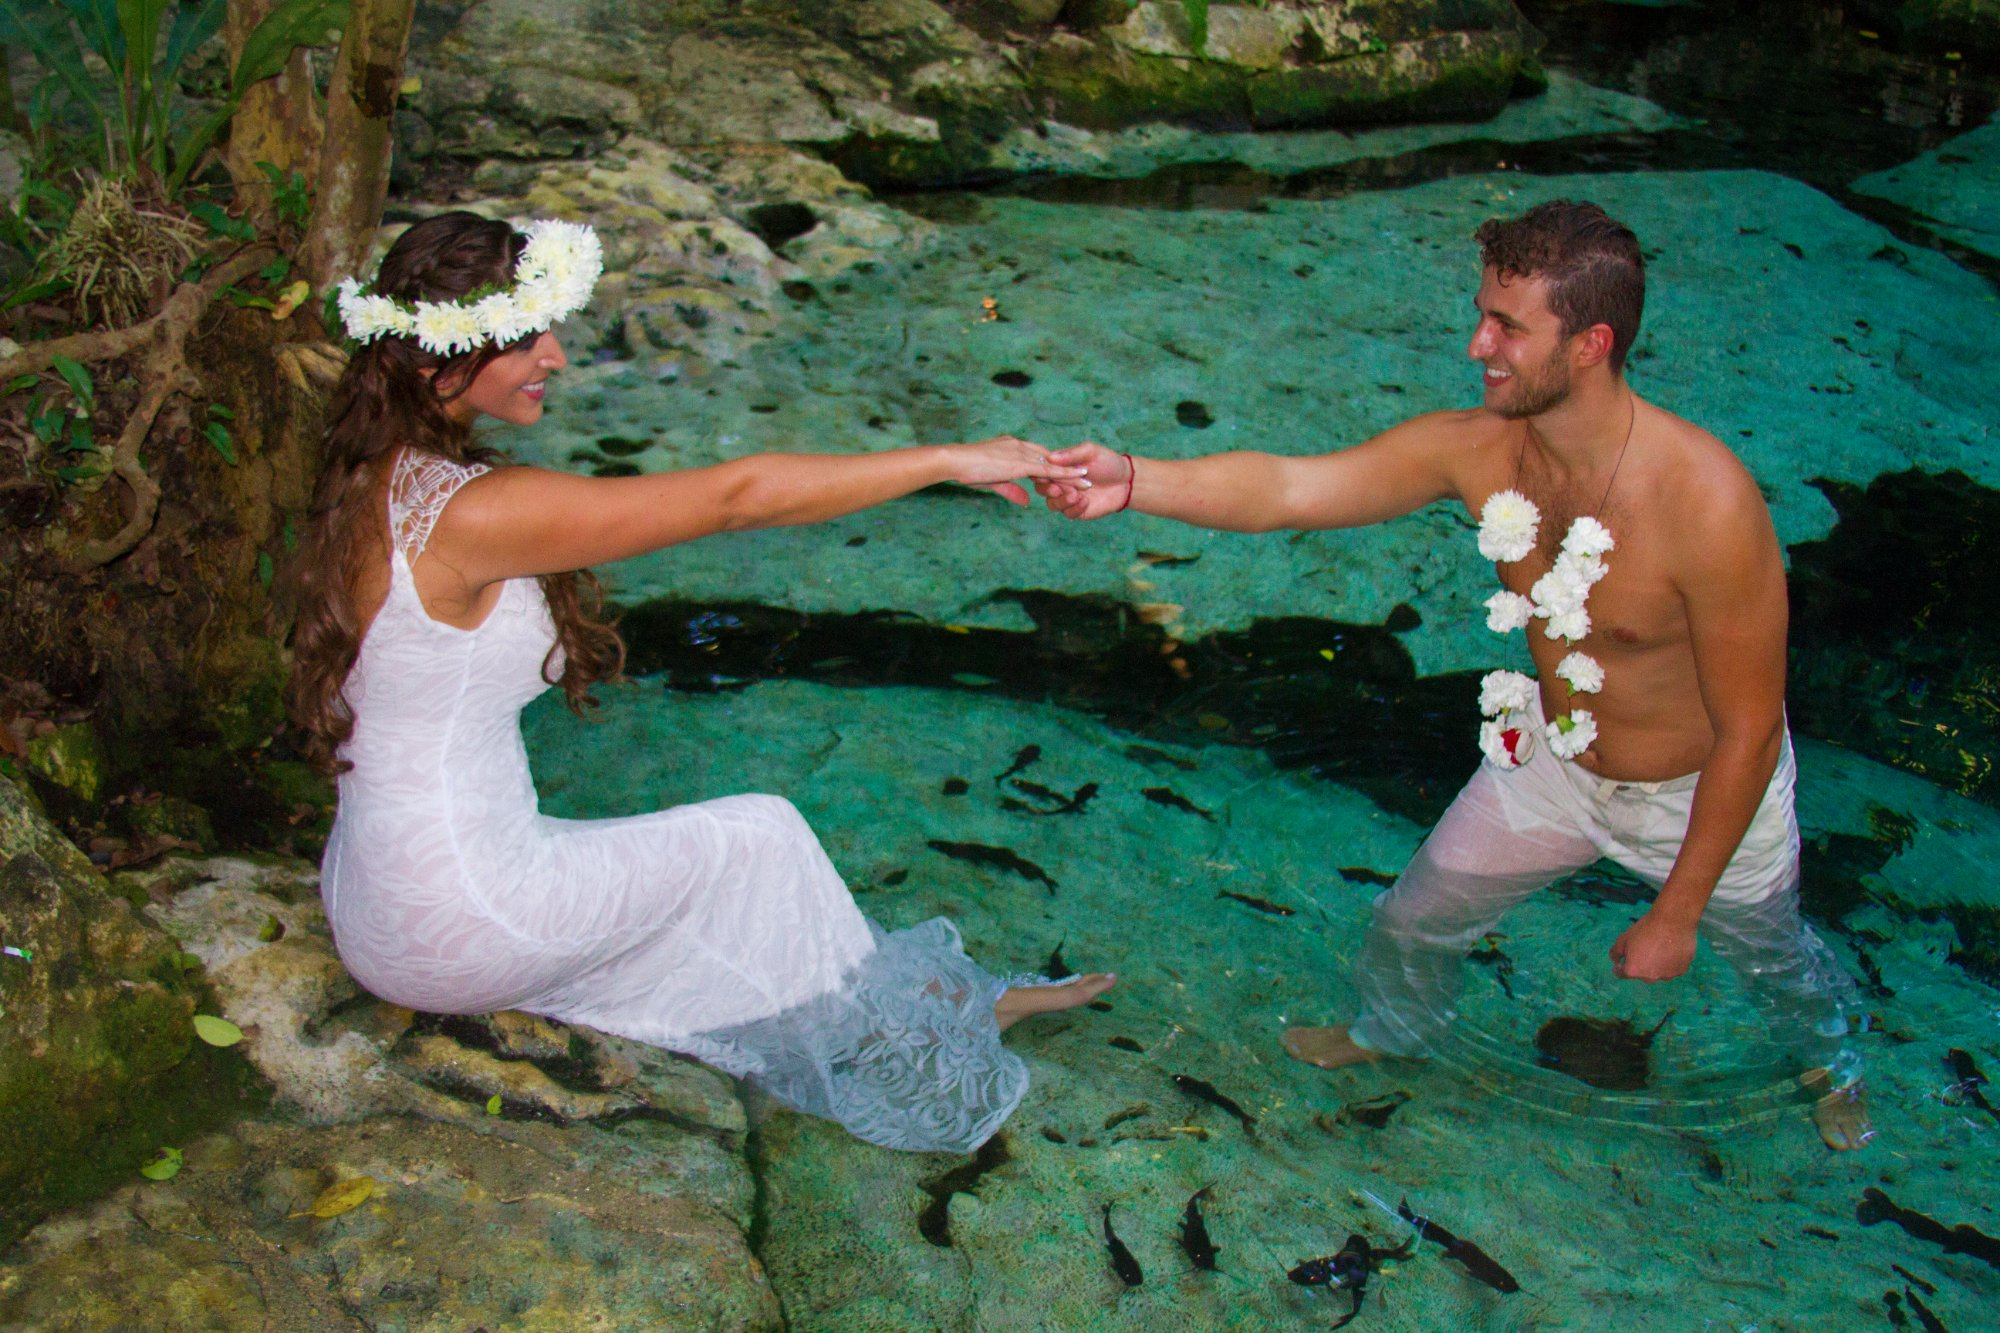 Casarse o consagrar el amor, mediante una renovación de votos o tu luna de miel en este paraíso.